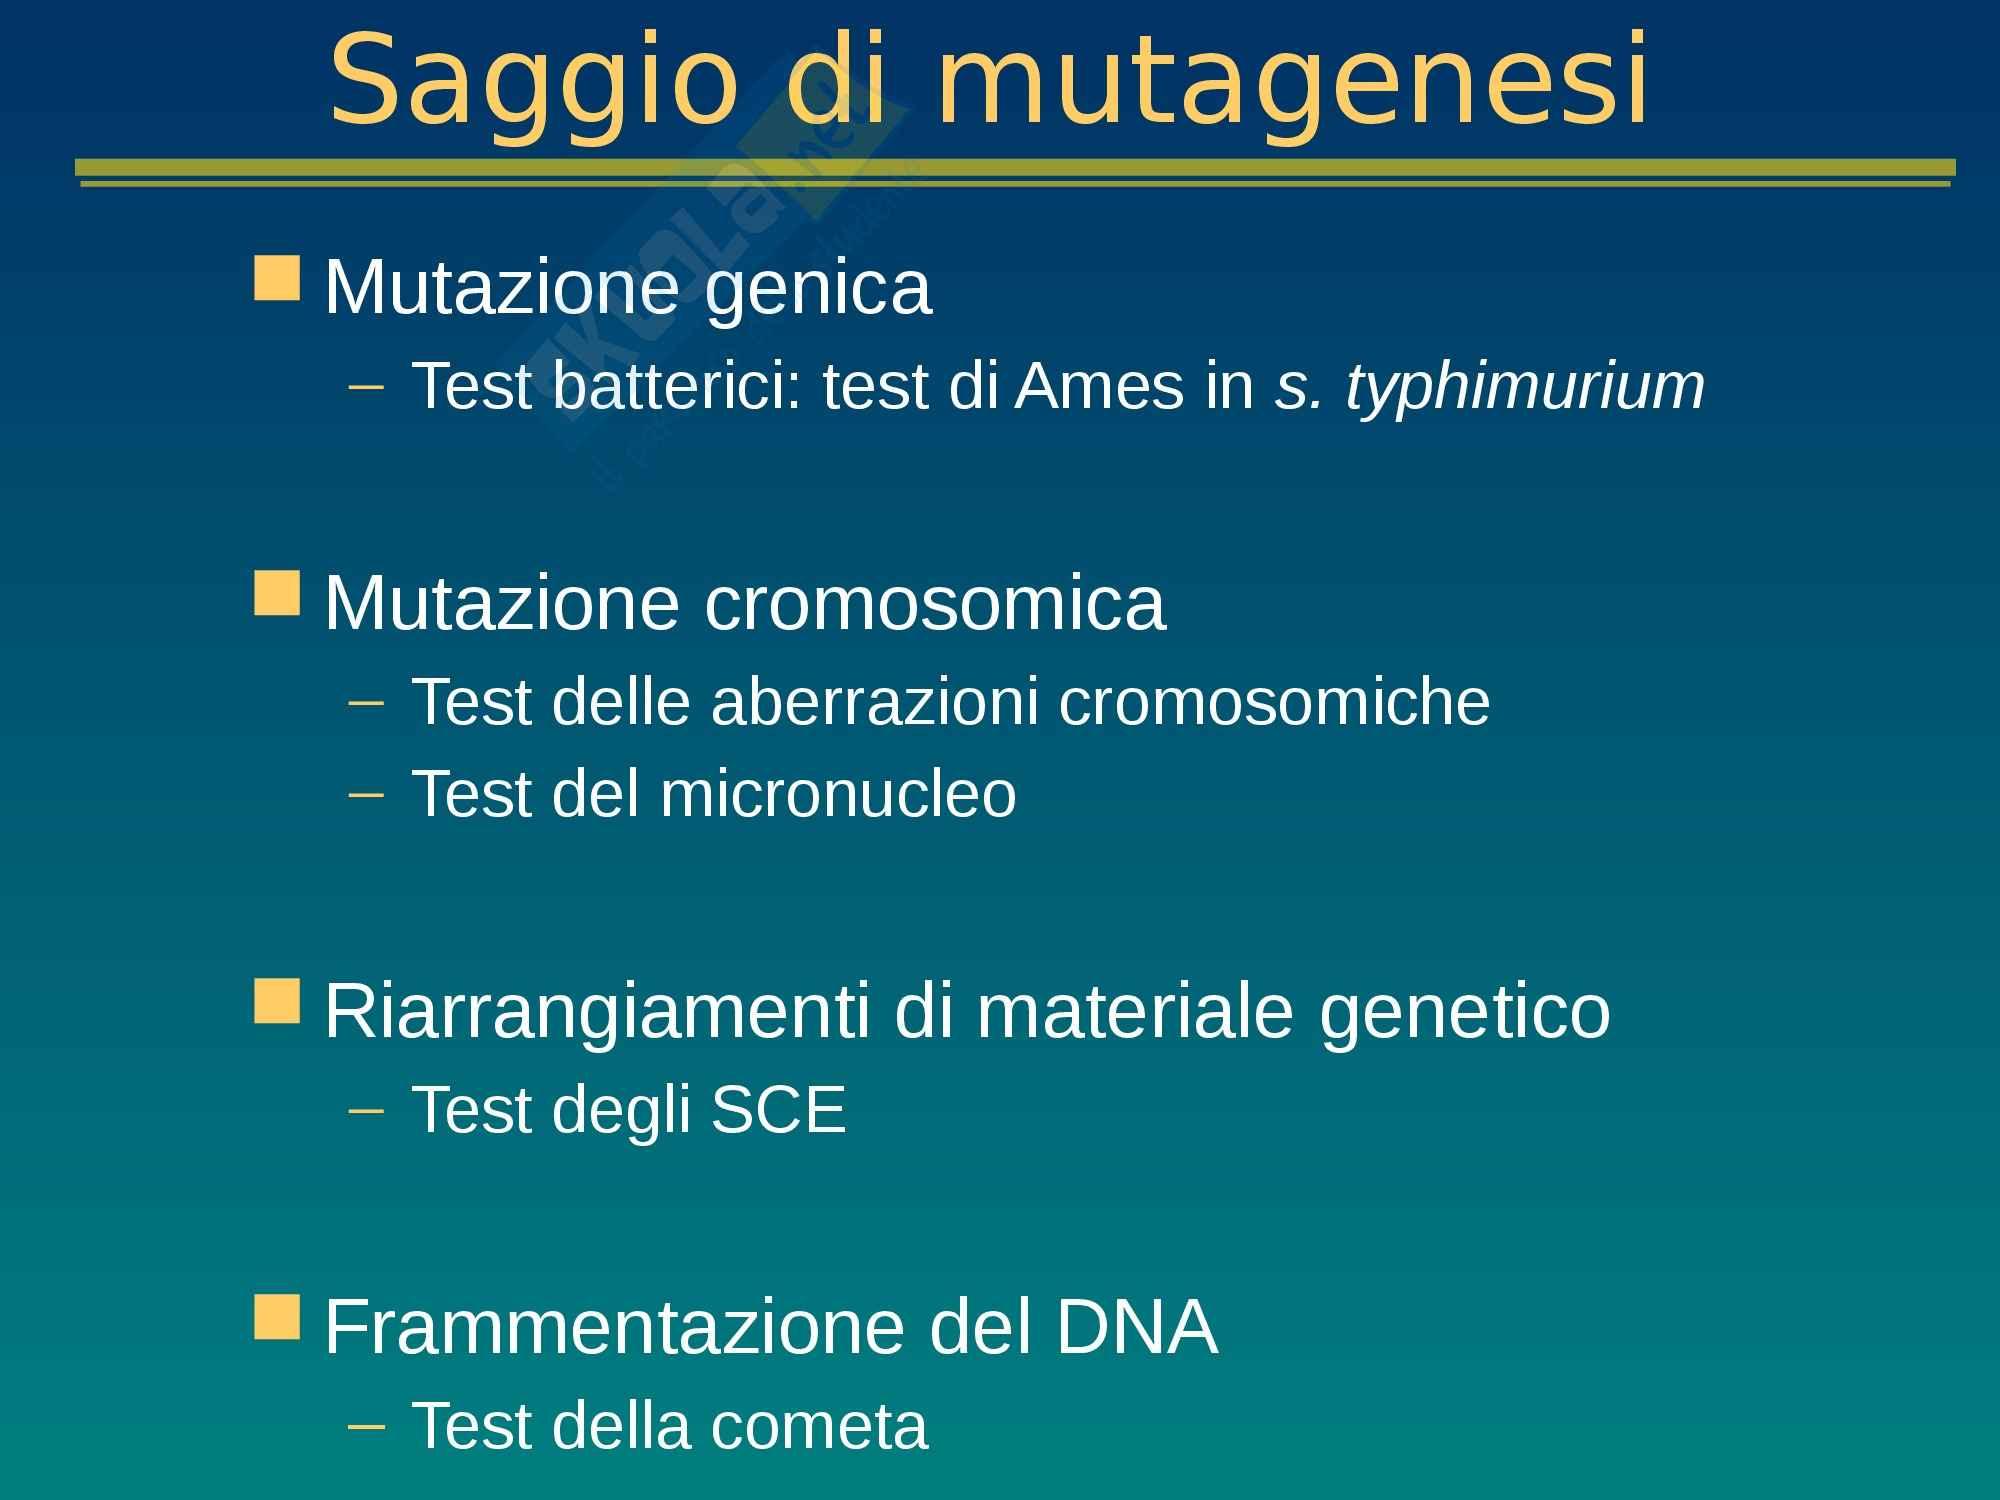 Tossicologia e mutagenesi ambientale - Appunti Lezione 14 Pag. 11